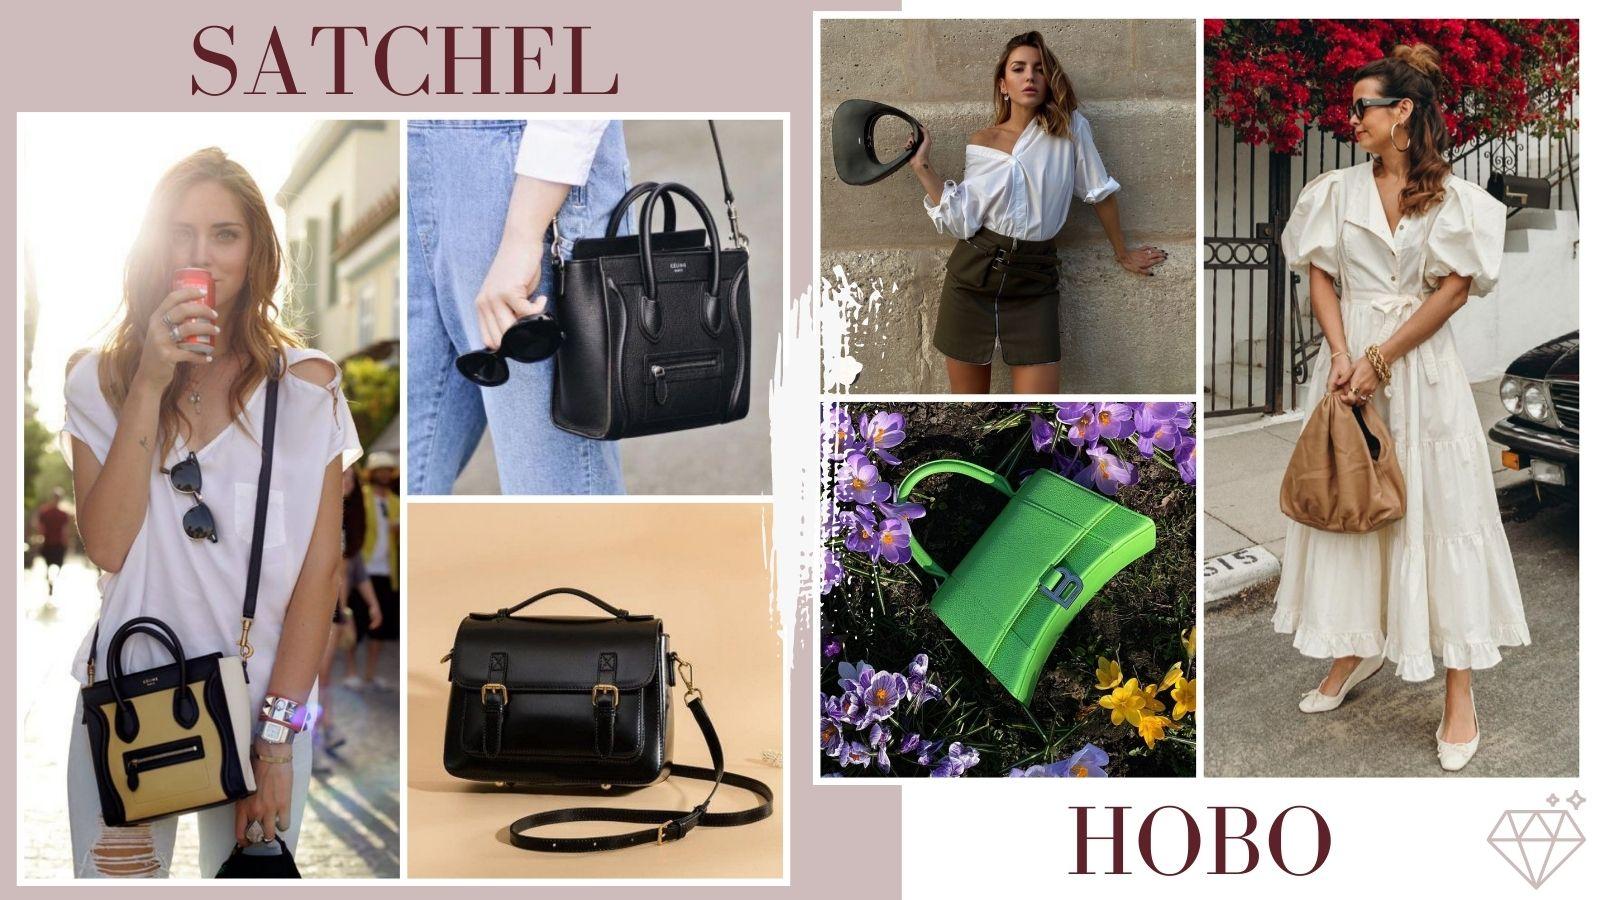 Satchel y Hobo - 6 bolsos básicos que complementan cualquier look